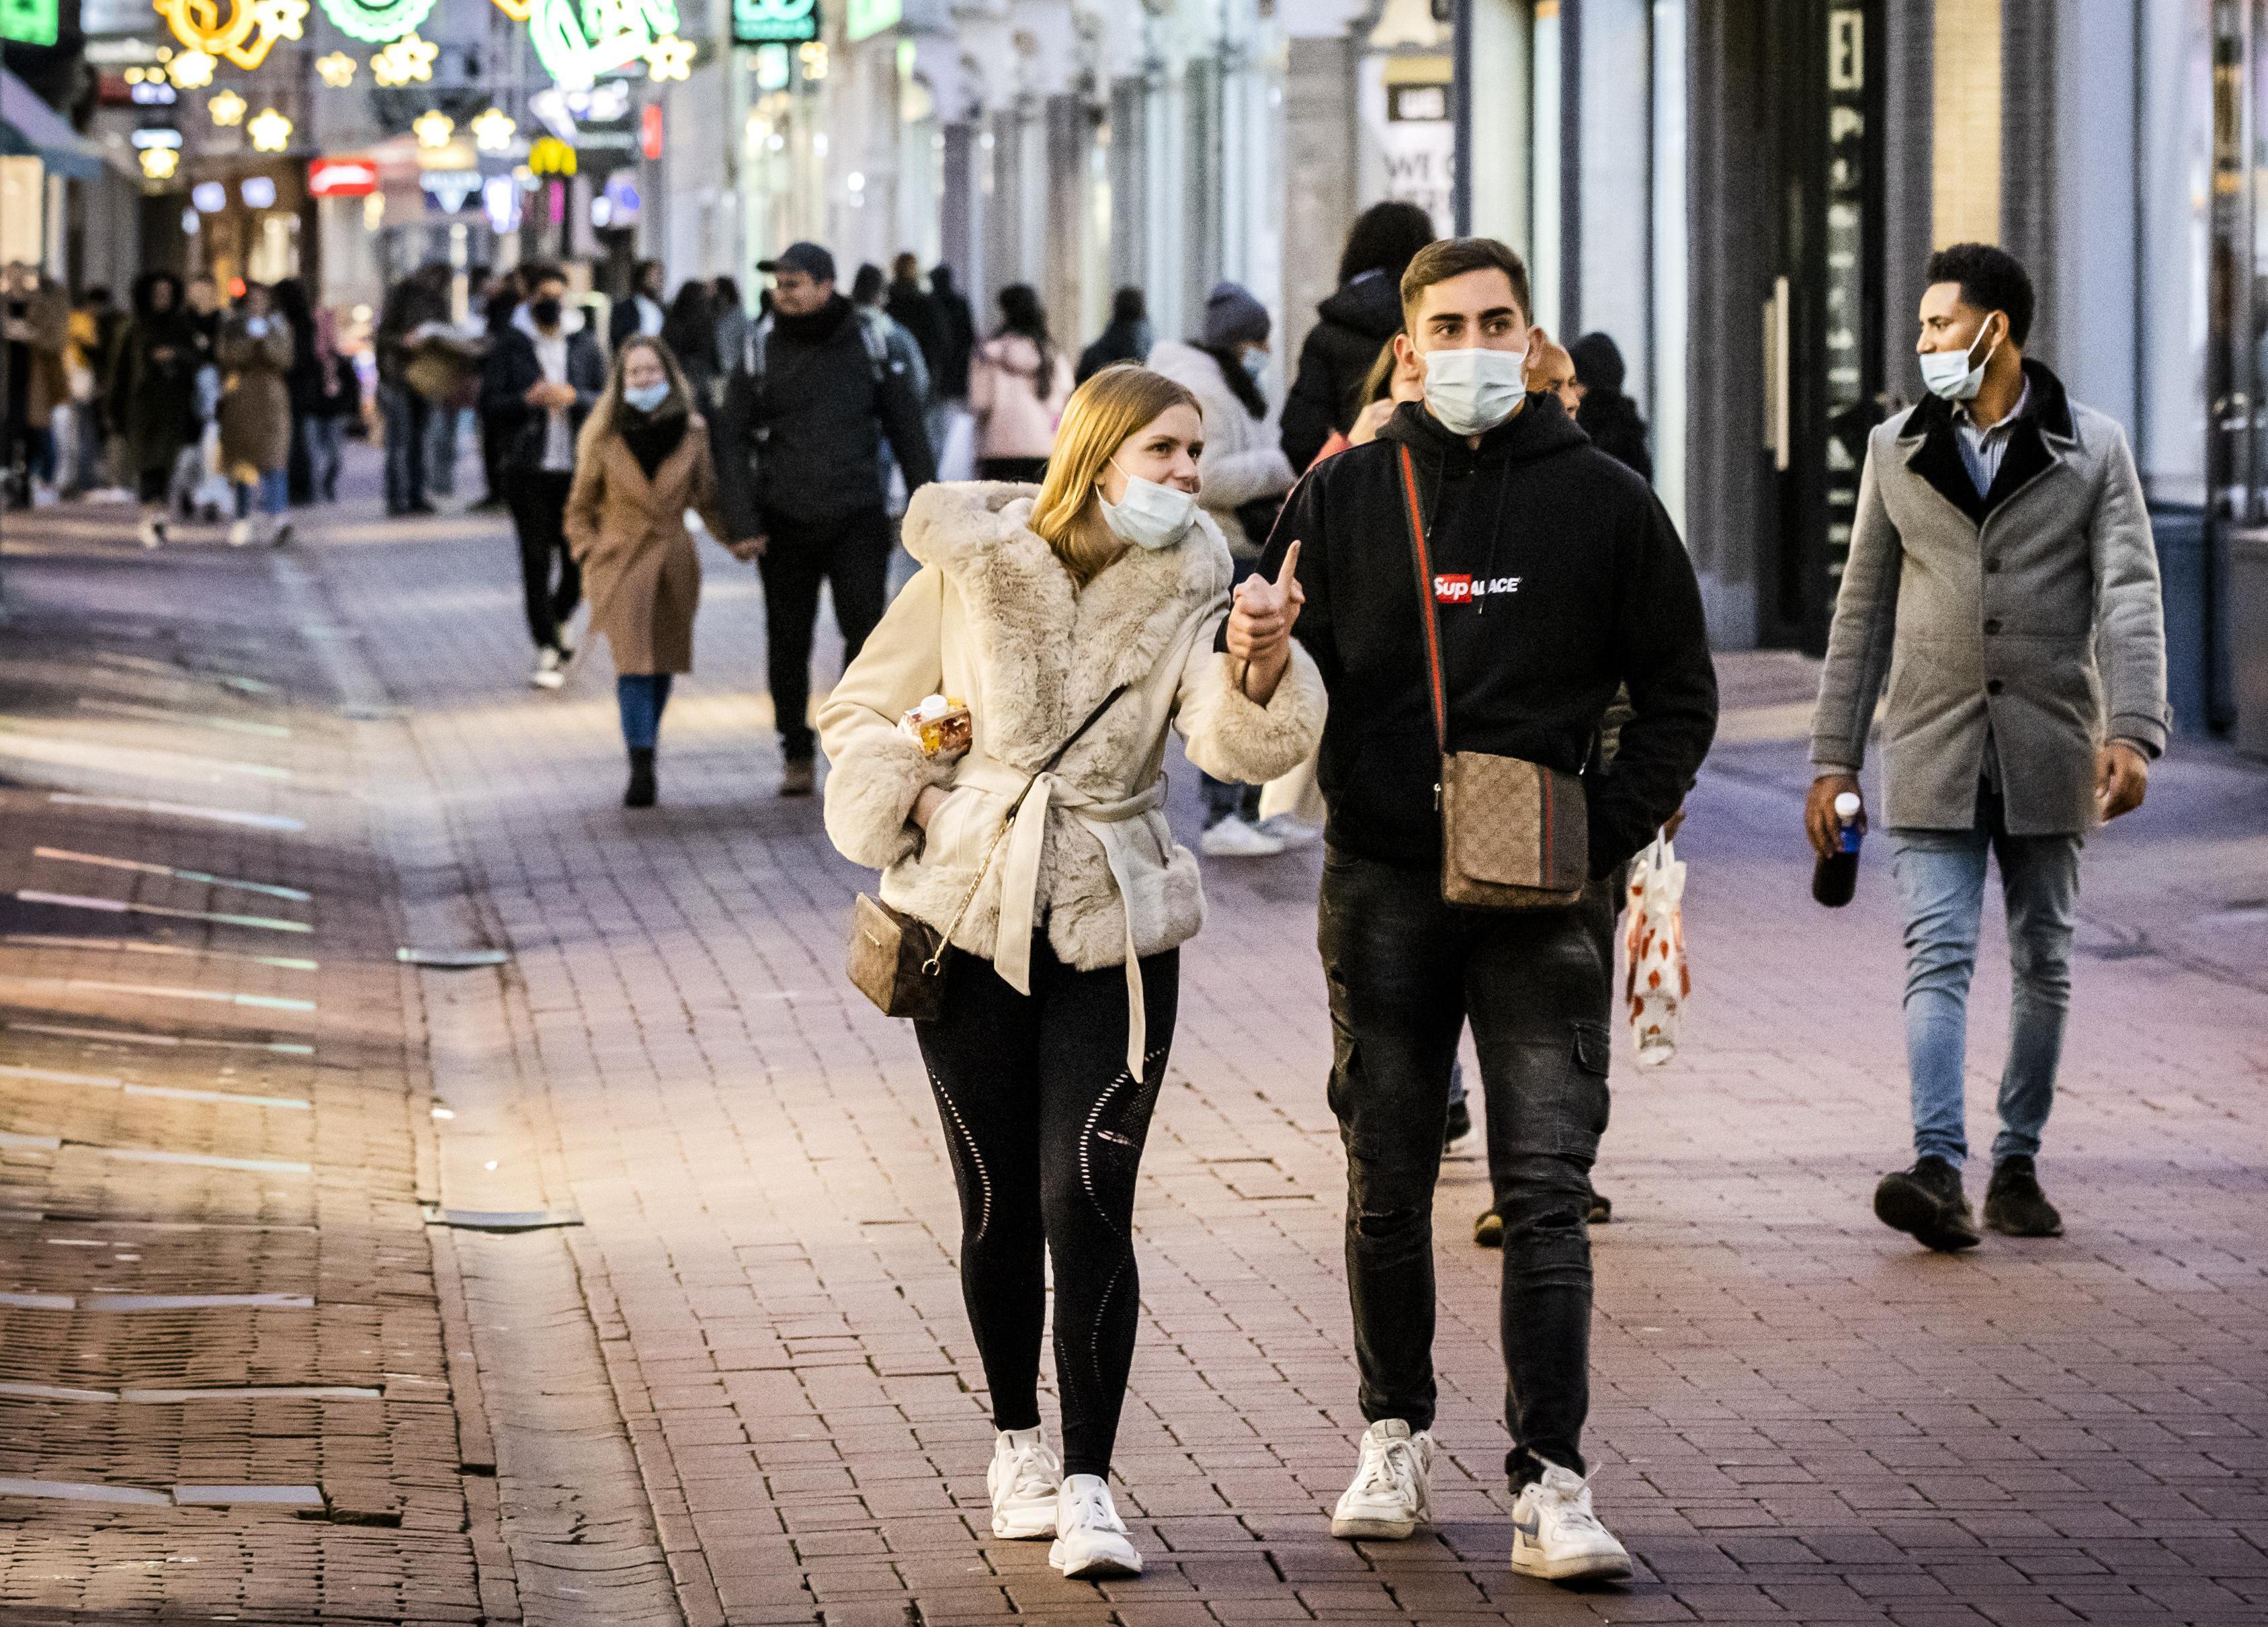 Optimisme na coronavaccins en inzet op massaal testen: 'Nederland laat coronacrisis sneller achter zich dan gedacht'